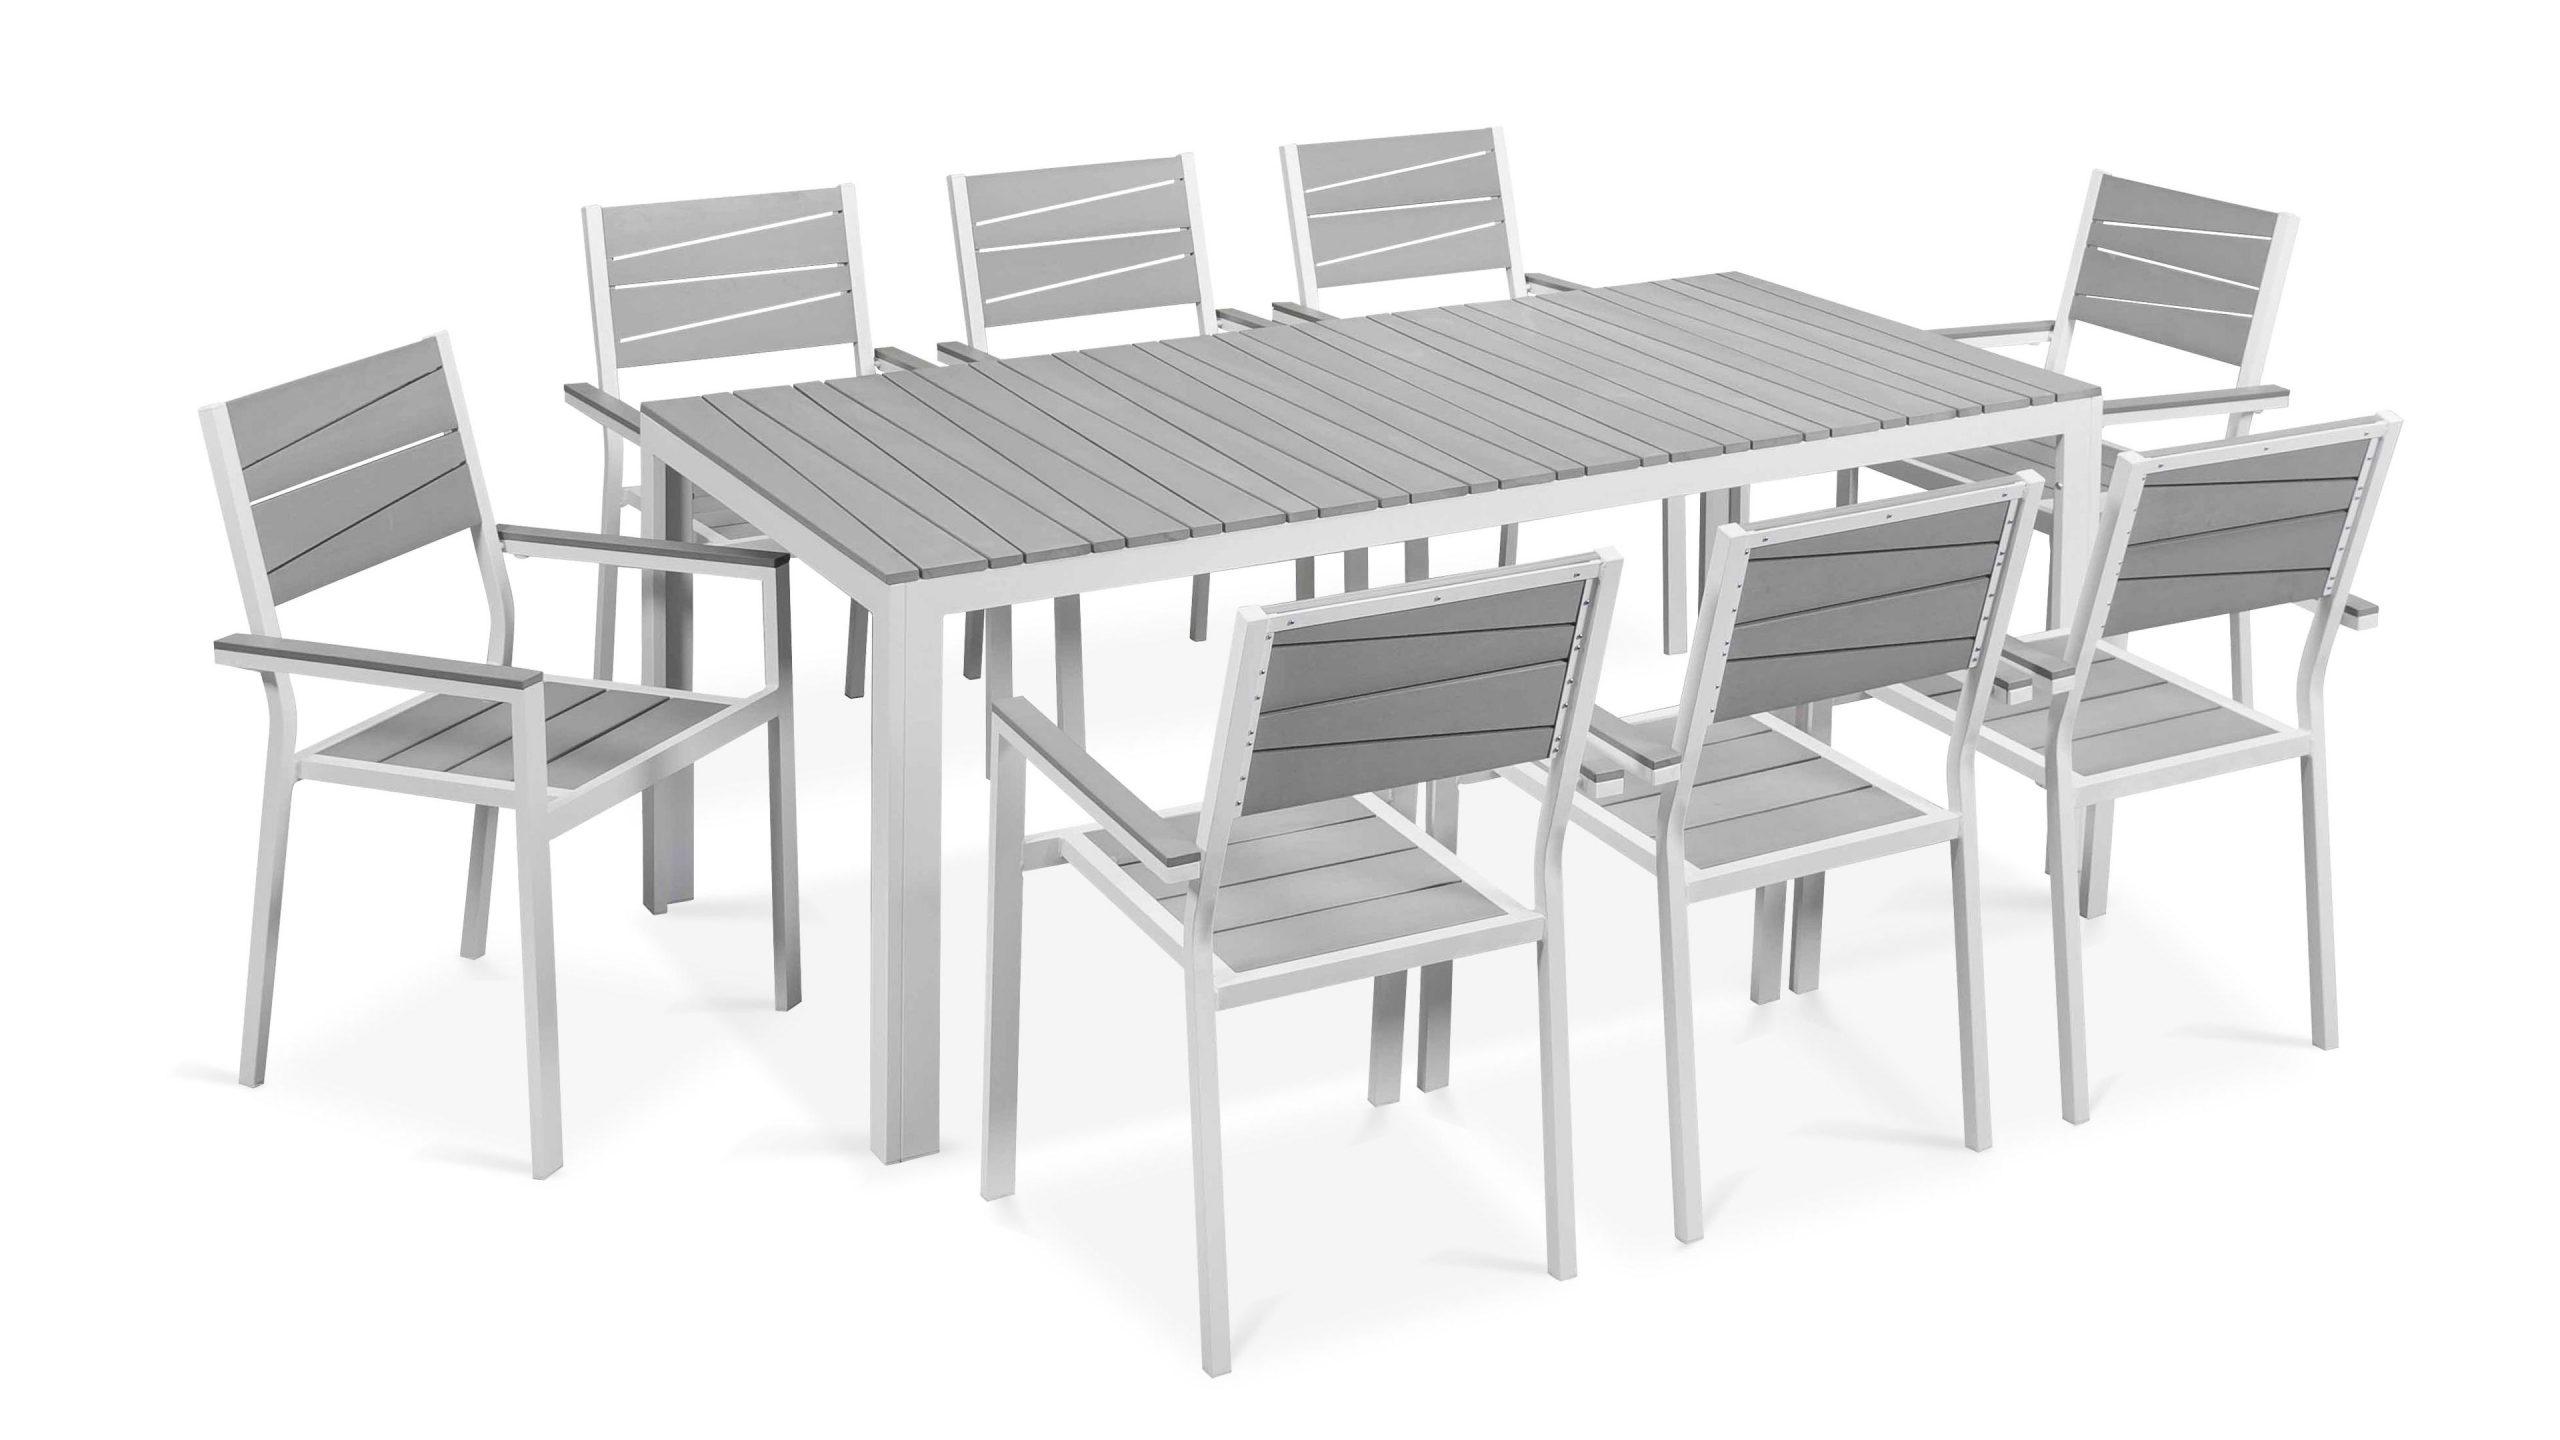 Table De Jardin 8 Places Aluminium Polywood concernant Salon De Jardin En Bois Pas Cher